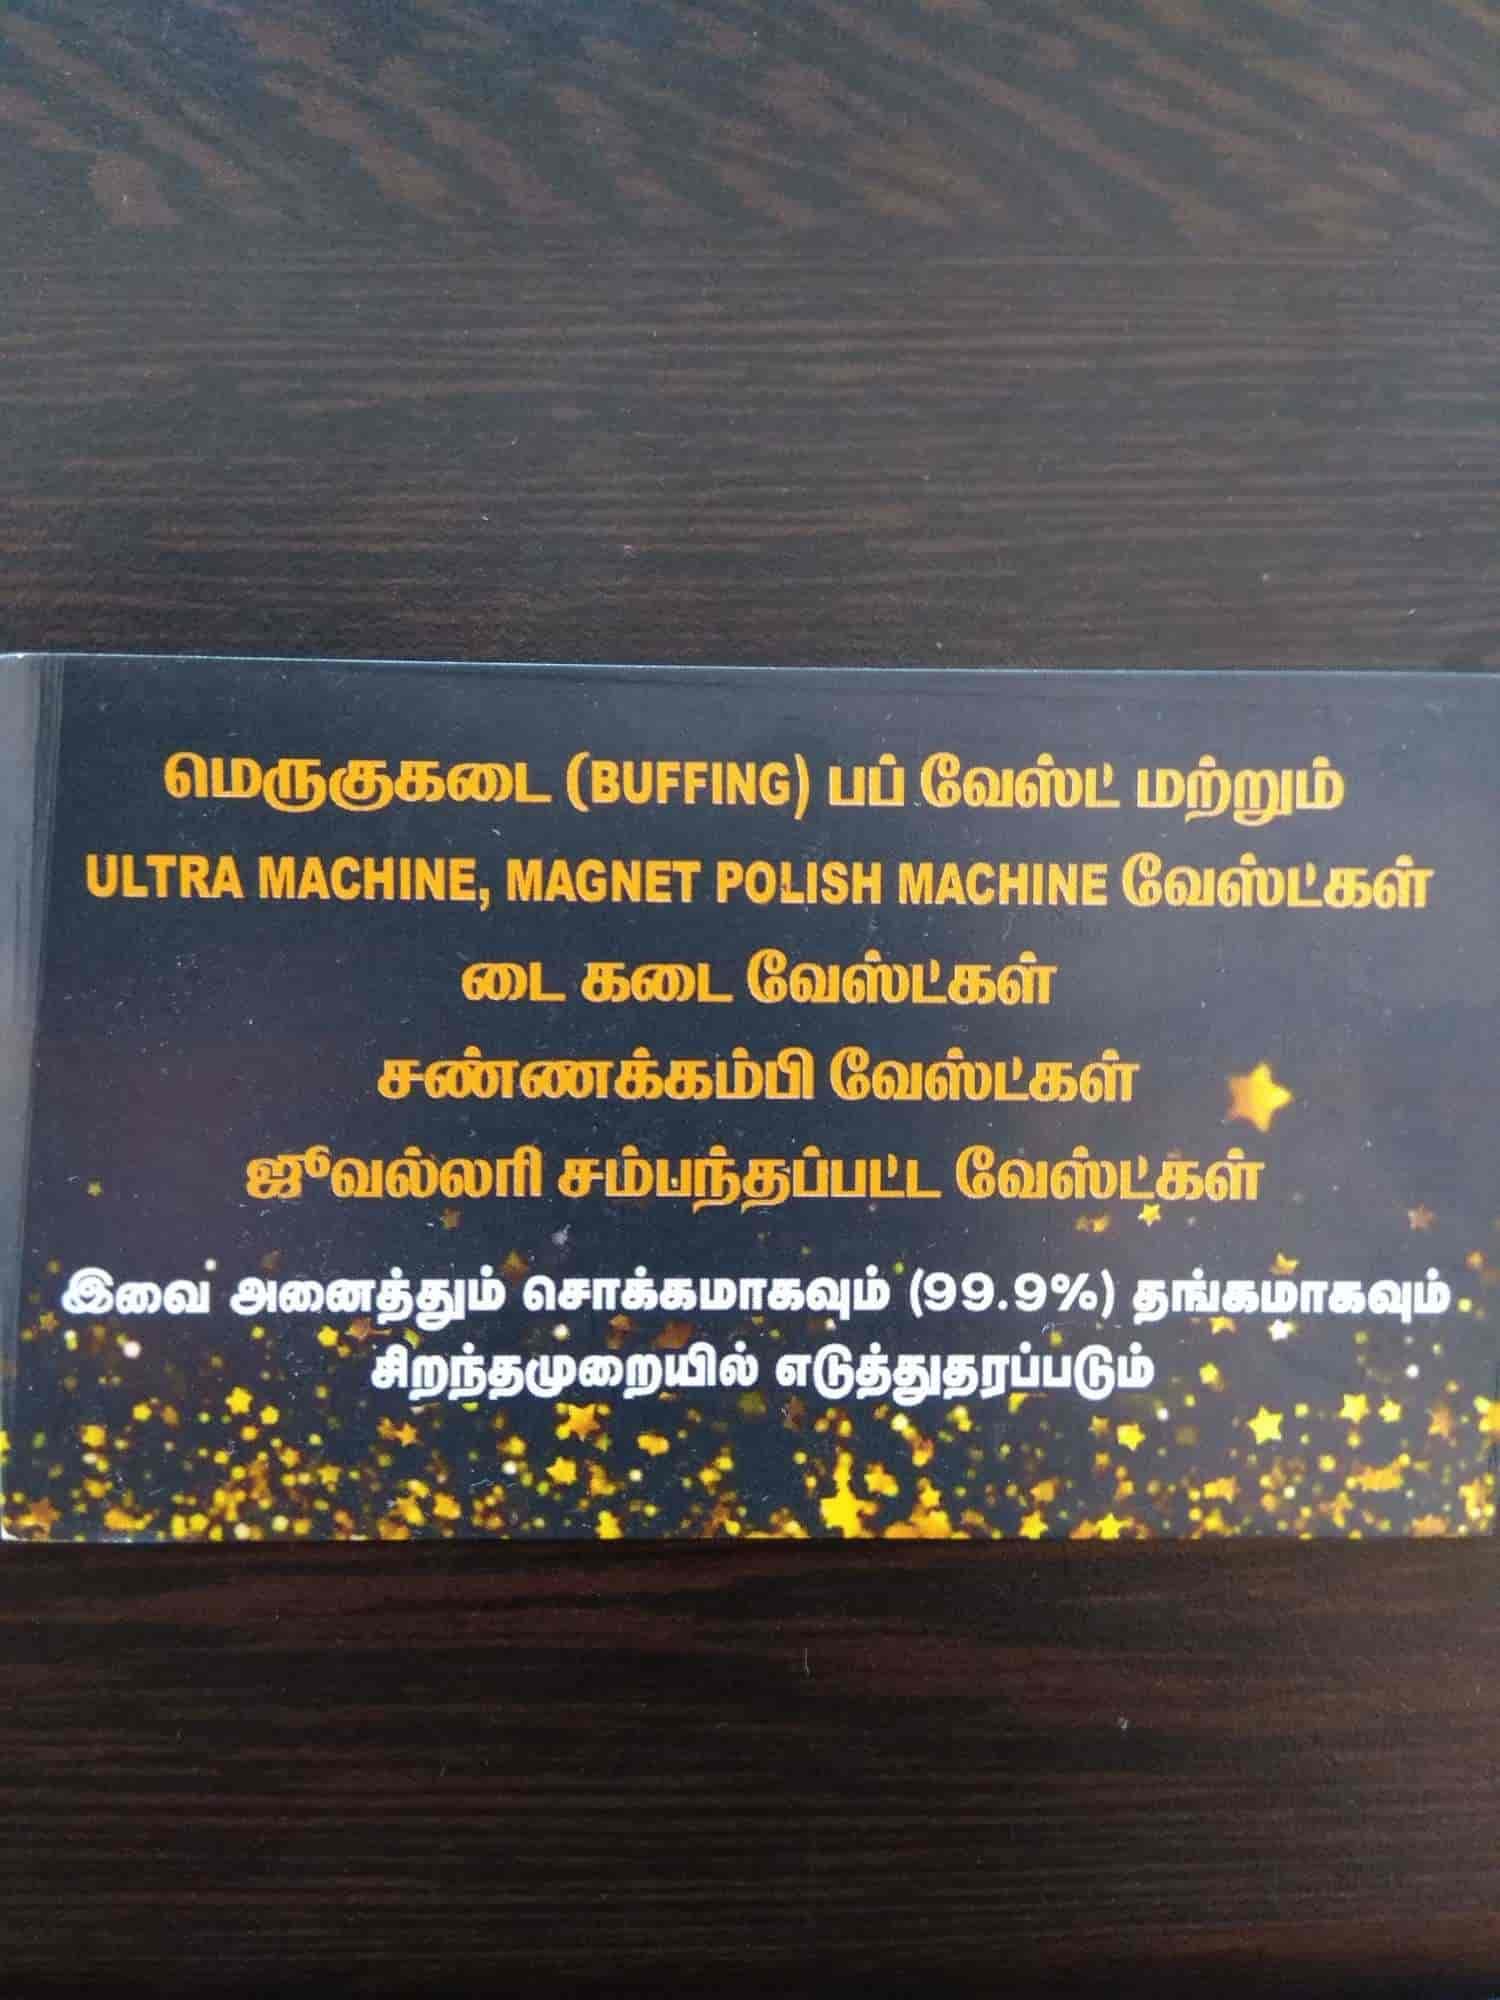 Sai Gold Recovery, Selvapuram - Gold Refineries in